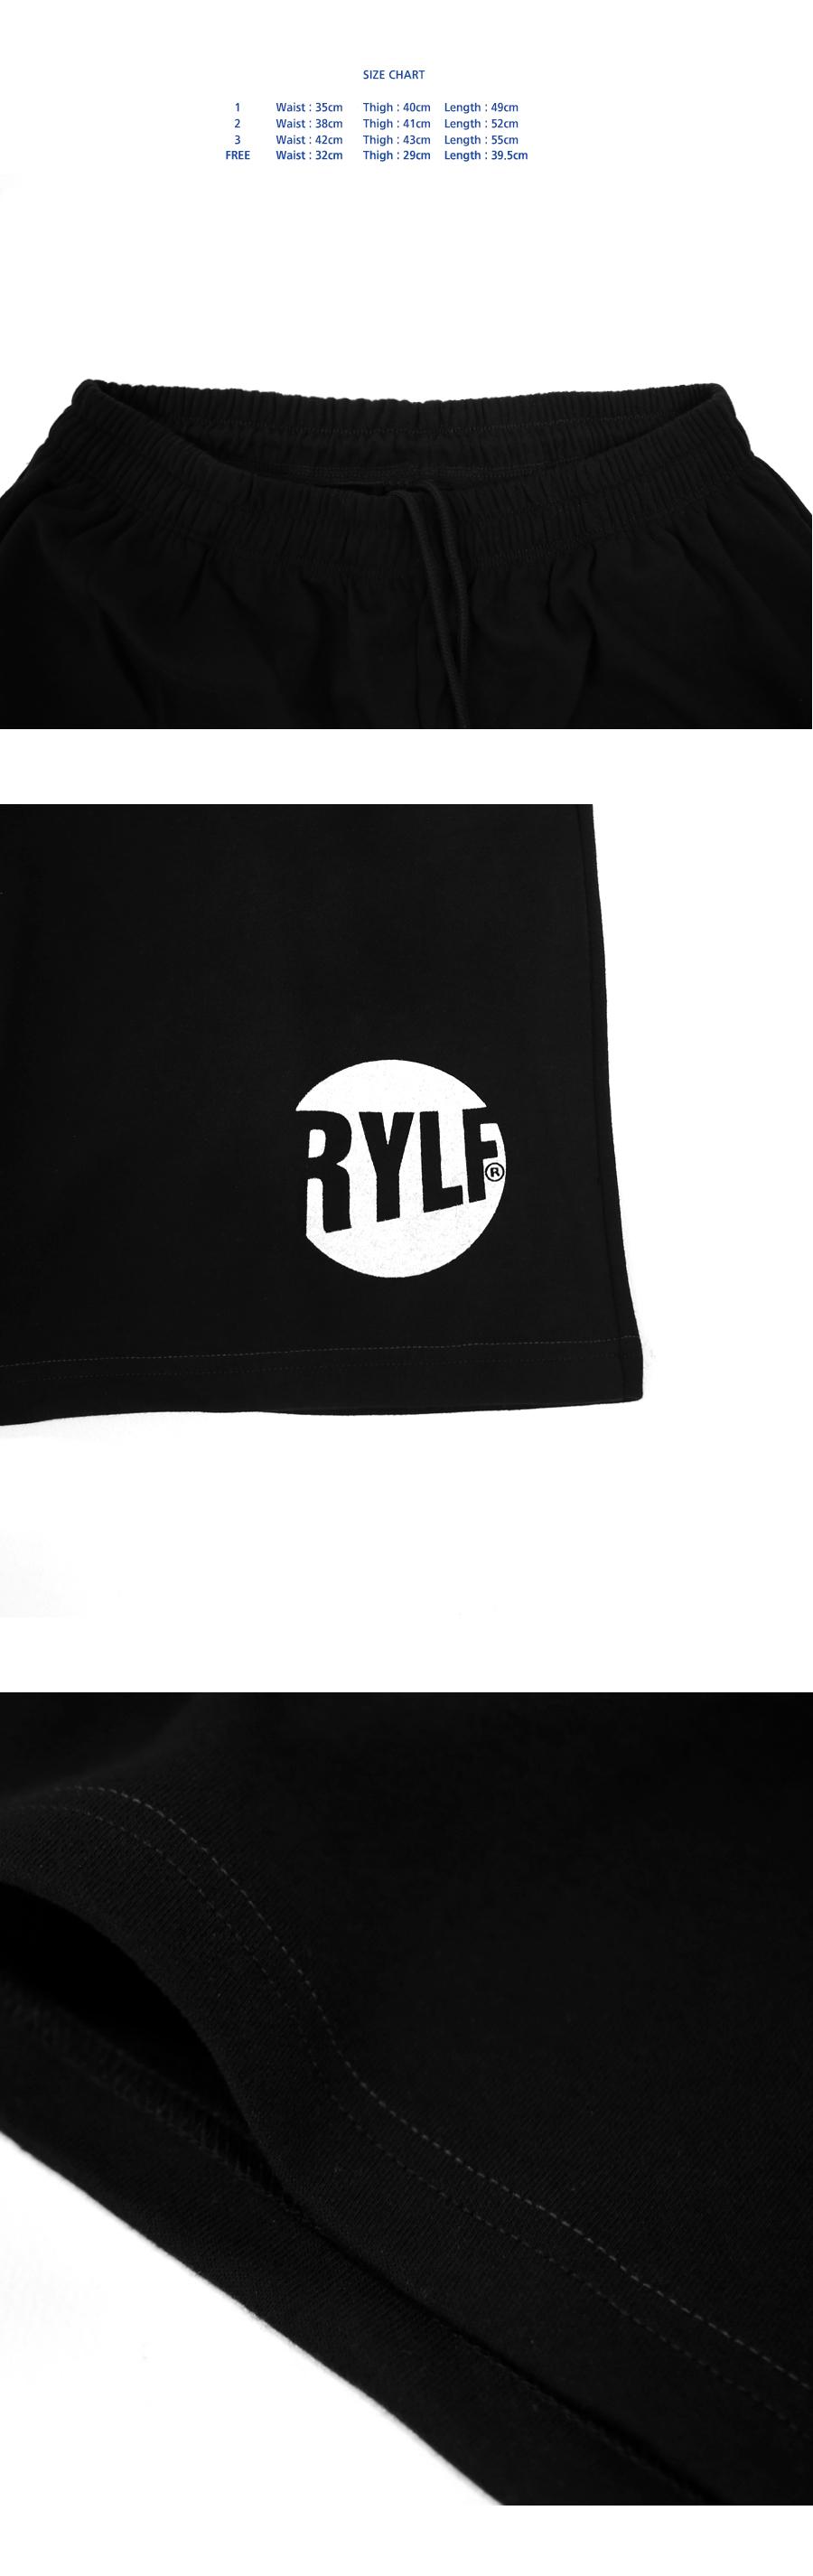 로얄라이프(ROYALLIFE) RLSP403 RYLF 서클 로고 쇼츠 - 블루